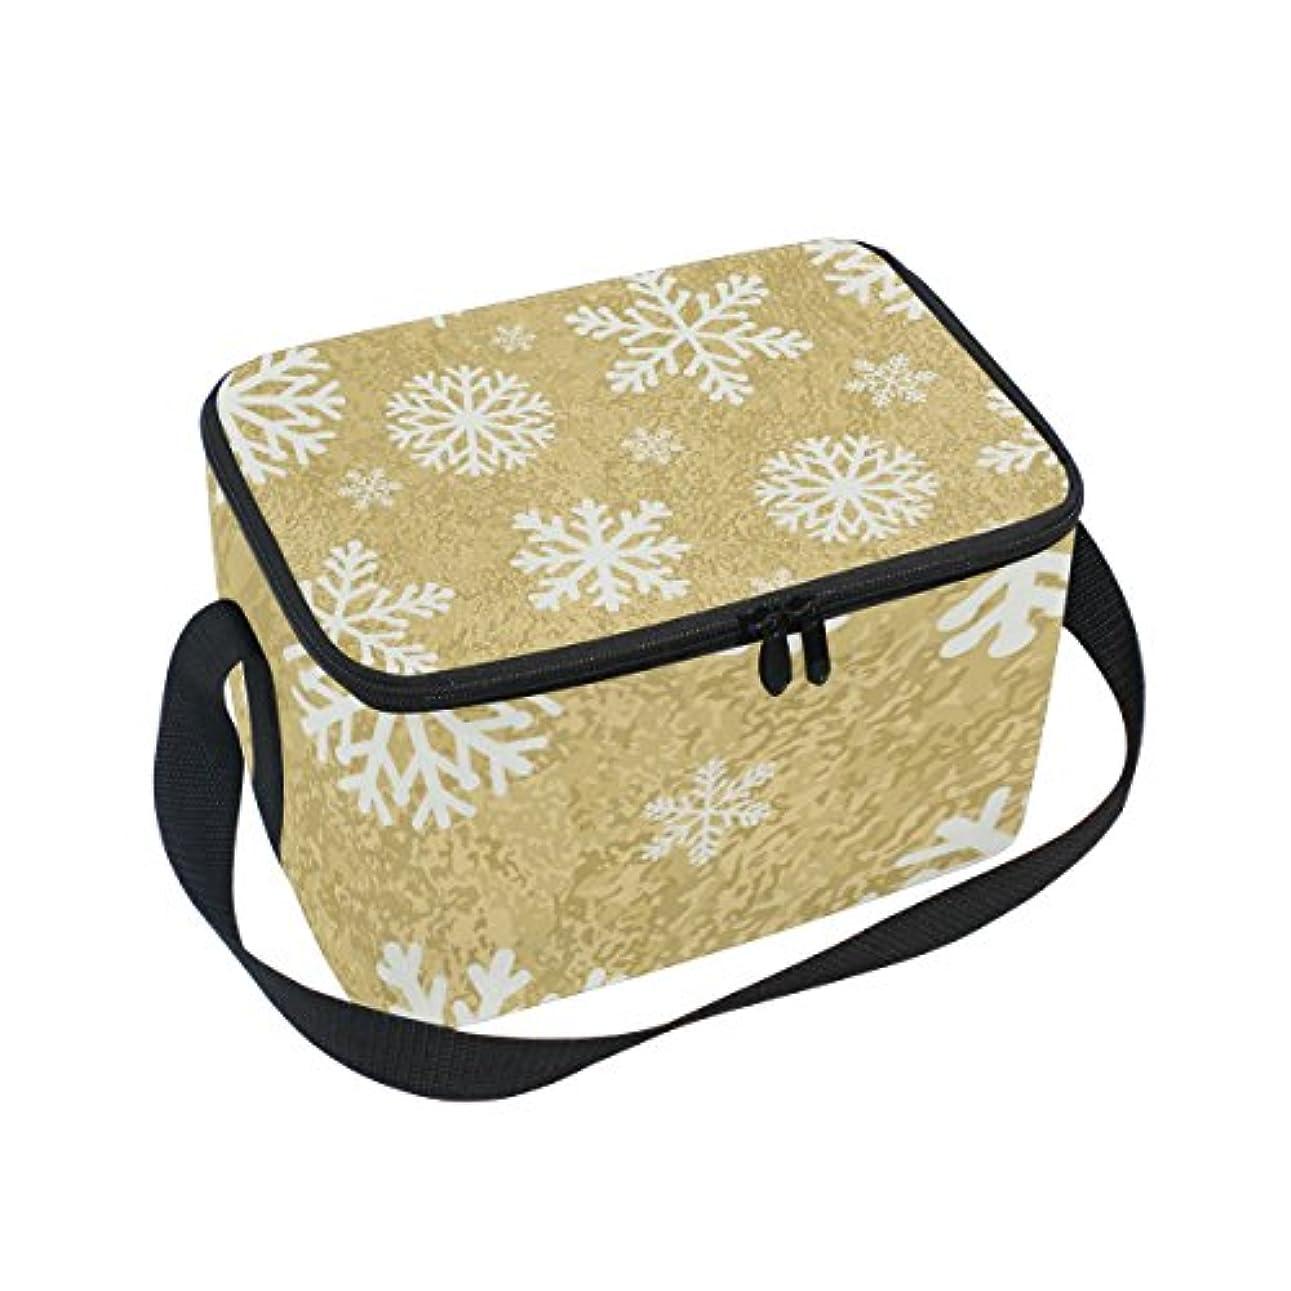 含意上がる敵対的クーラーバッグ クーラーボックス ソフトクーラ 冷蔵ボックス キャンプ用品 雪柄 金色 保冷保温 大容量 肩掛け お花見 アウトドア